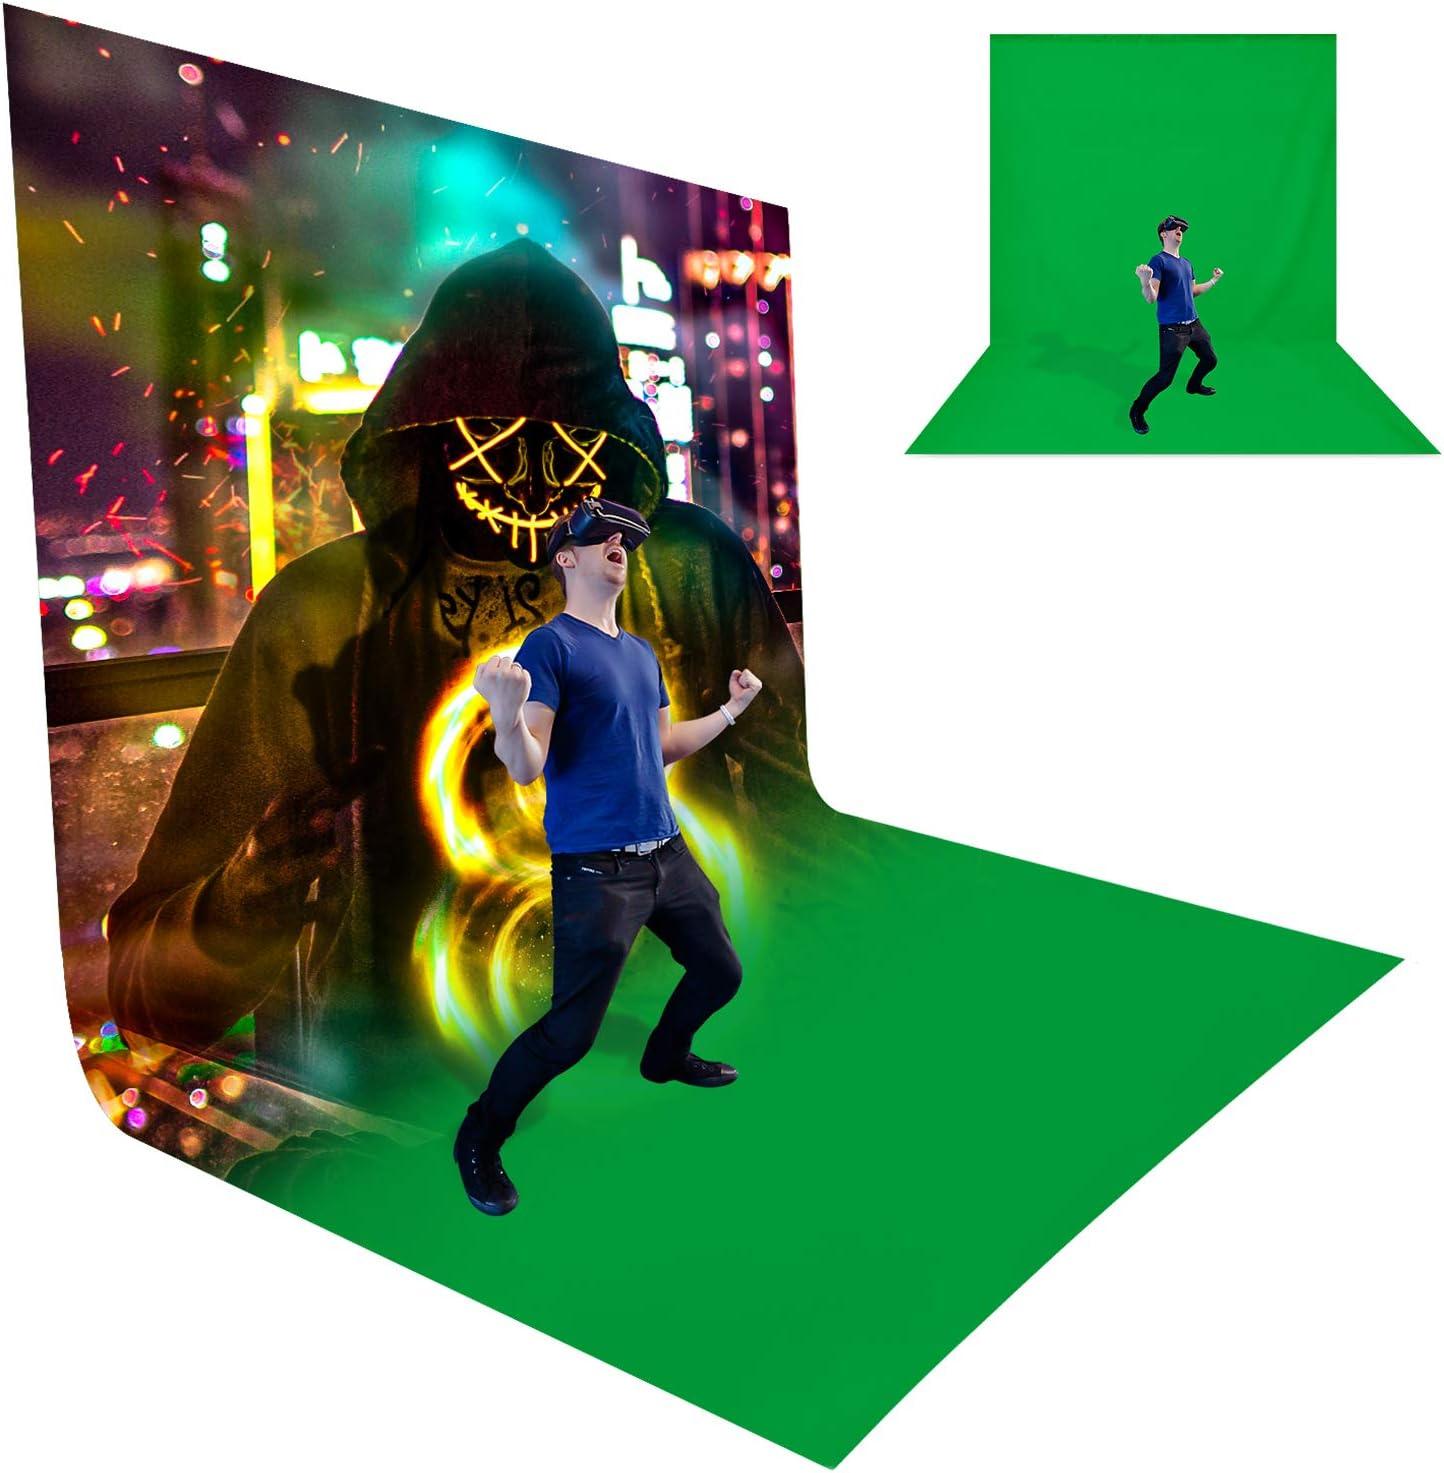 LimoStudio 10 x 20 ft. Chroma Key, Non-Woven Fabric Solid Color Green Screen Photo Backdrop Studio Photography, Non-Gloss Reflective Fabrication, A - Grade Premium Green Backdrop Screen, AGG3030